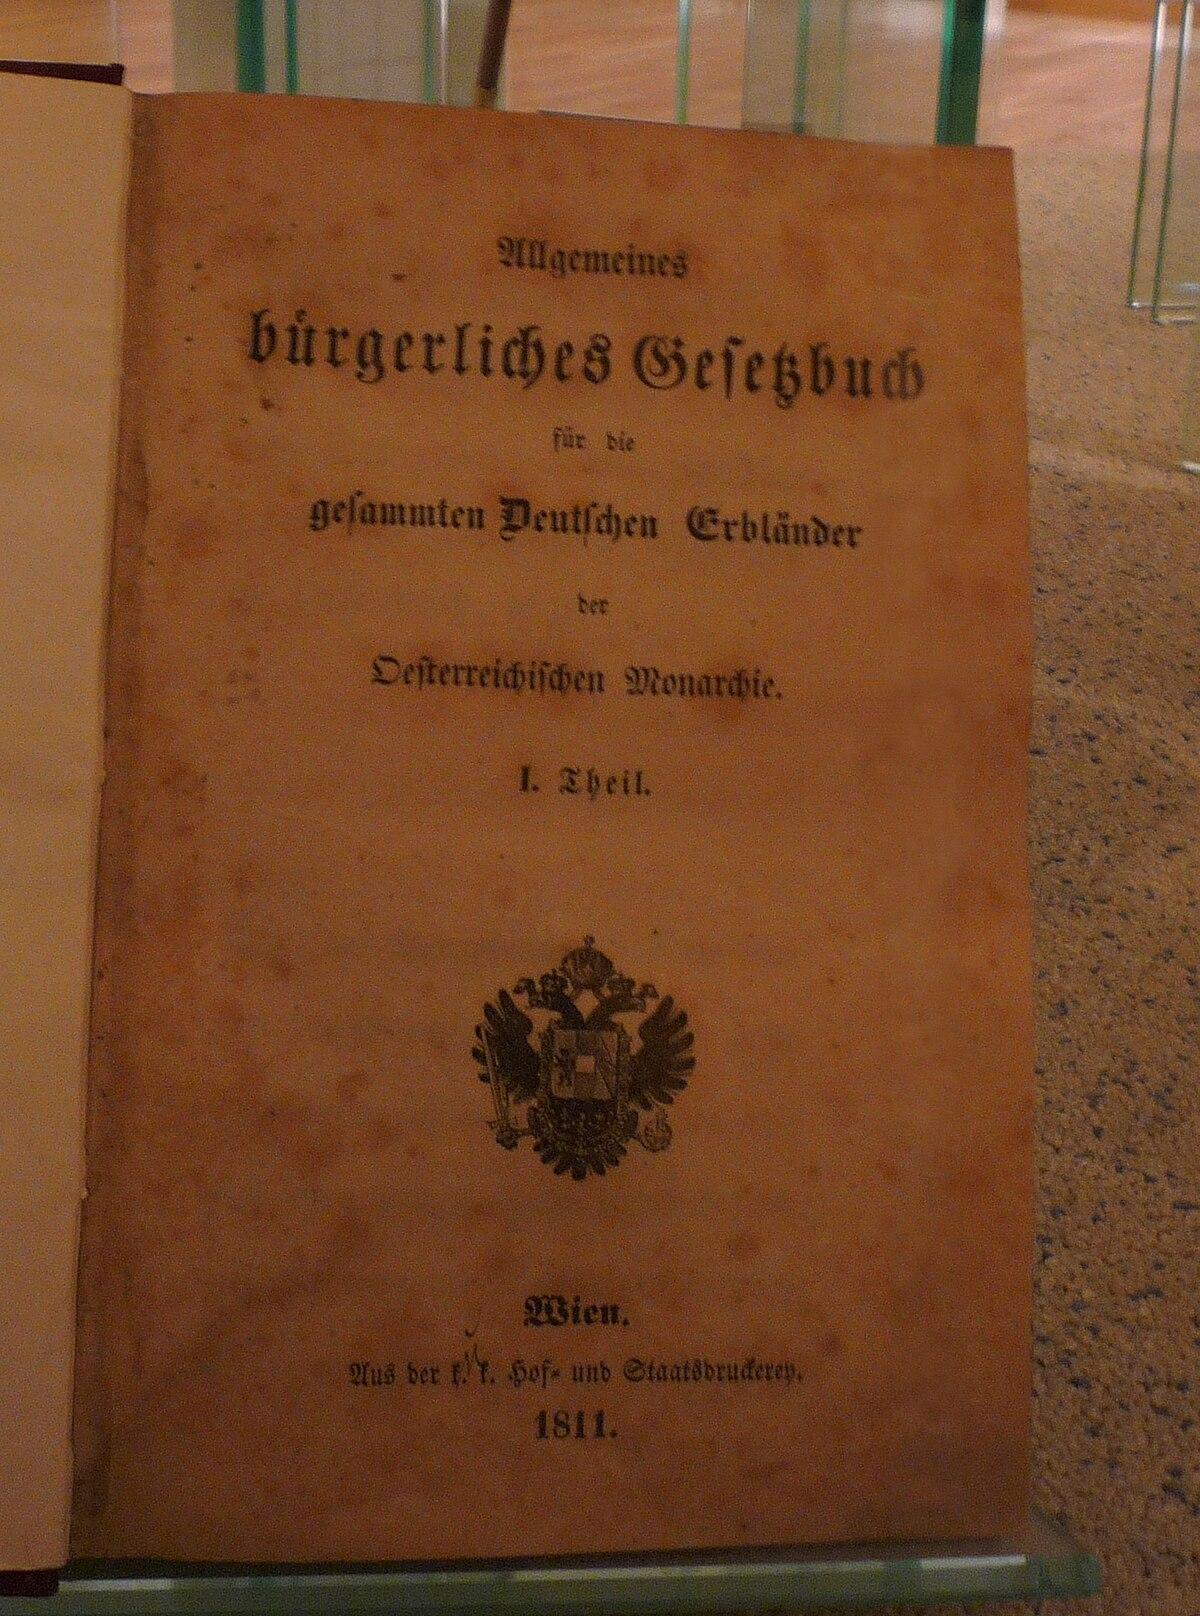 Allgemeines Bürgerliches Gesetzbuch Wikipedia